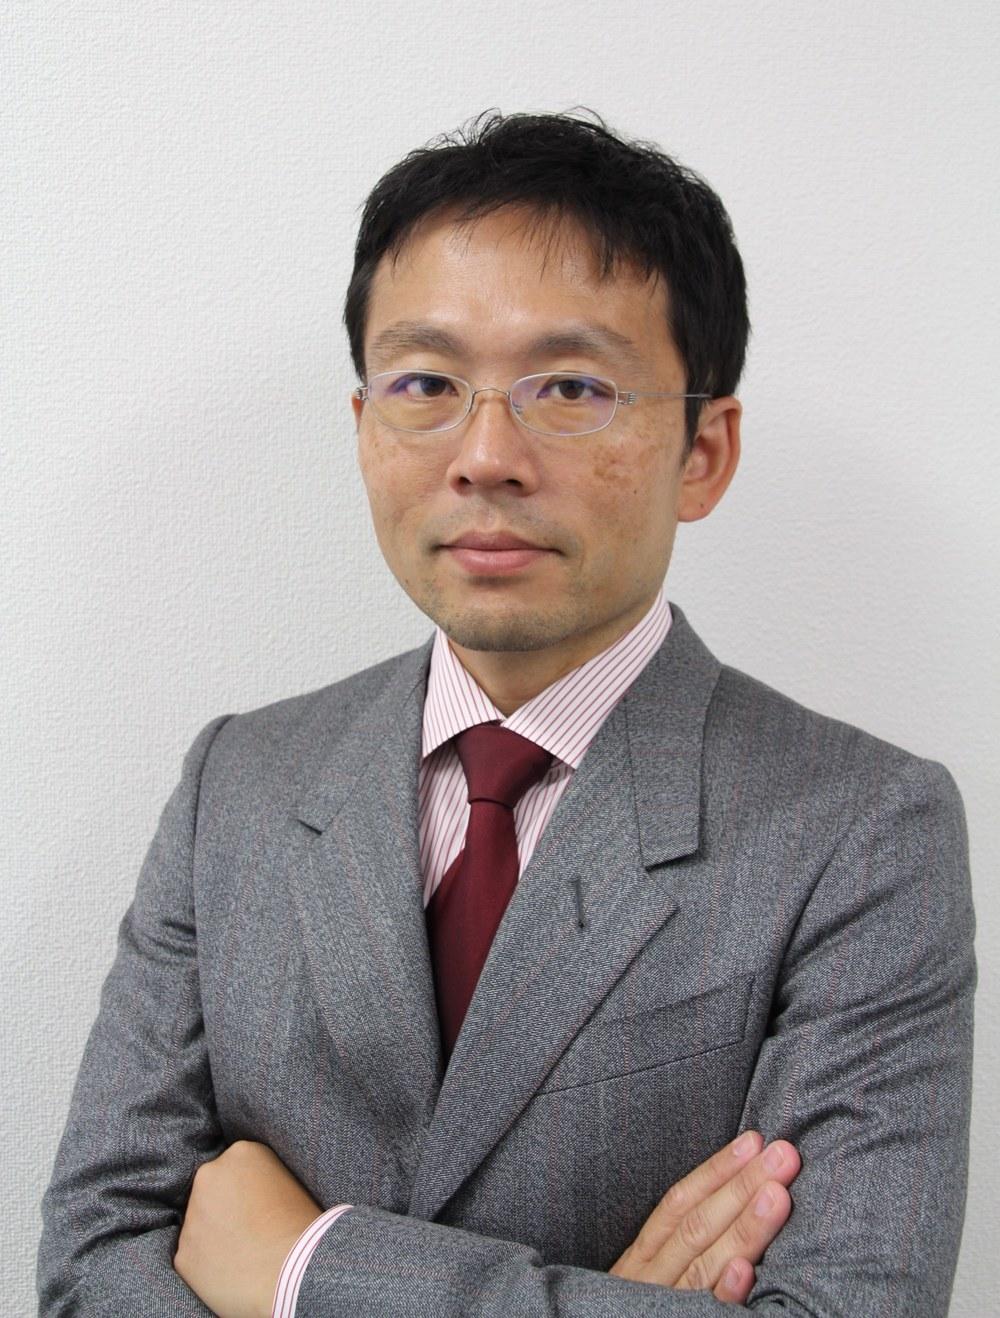 นายทัตซึยะ โคโนชิตะ ประธานเจ้าหน้าที่บริหาร บริษัท กรุ๊ปลีส จำกัด (มหาชน) หรือ GL